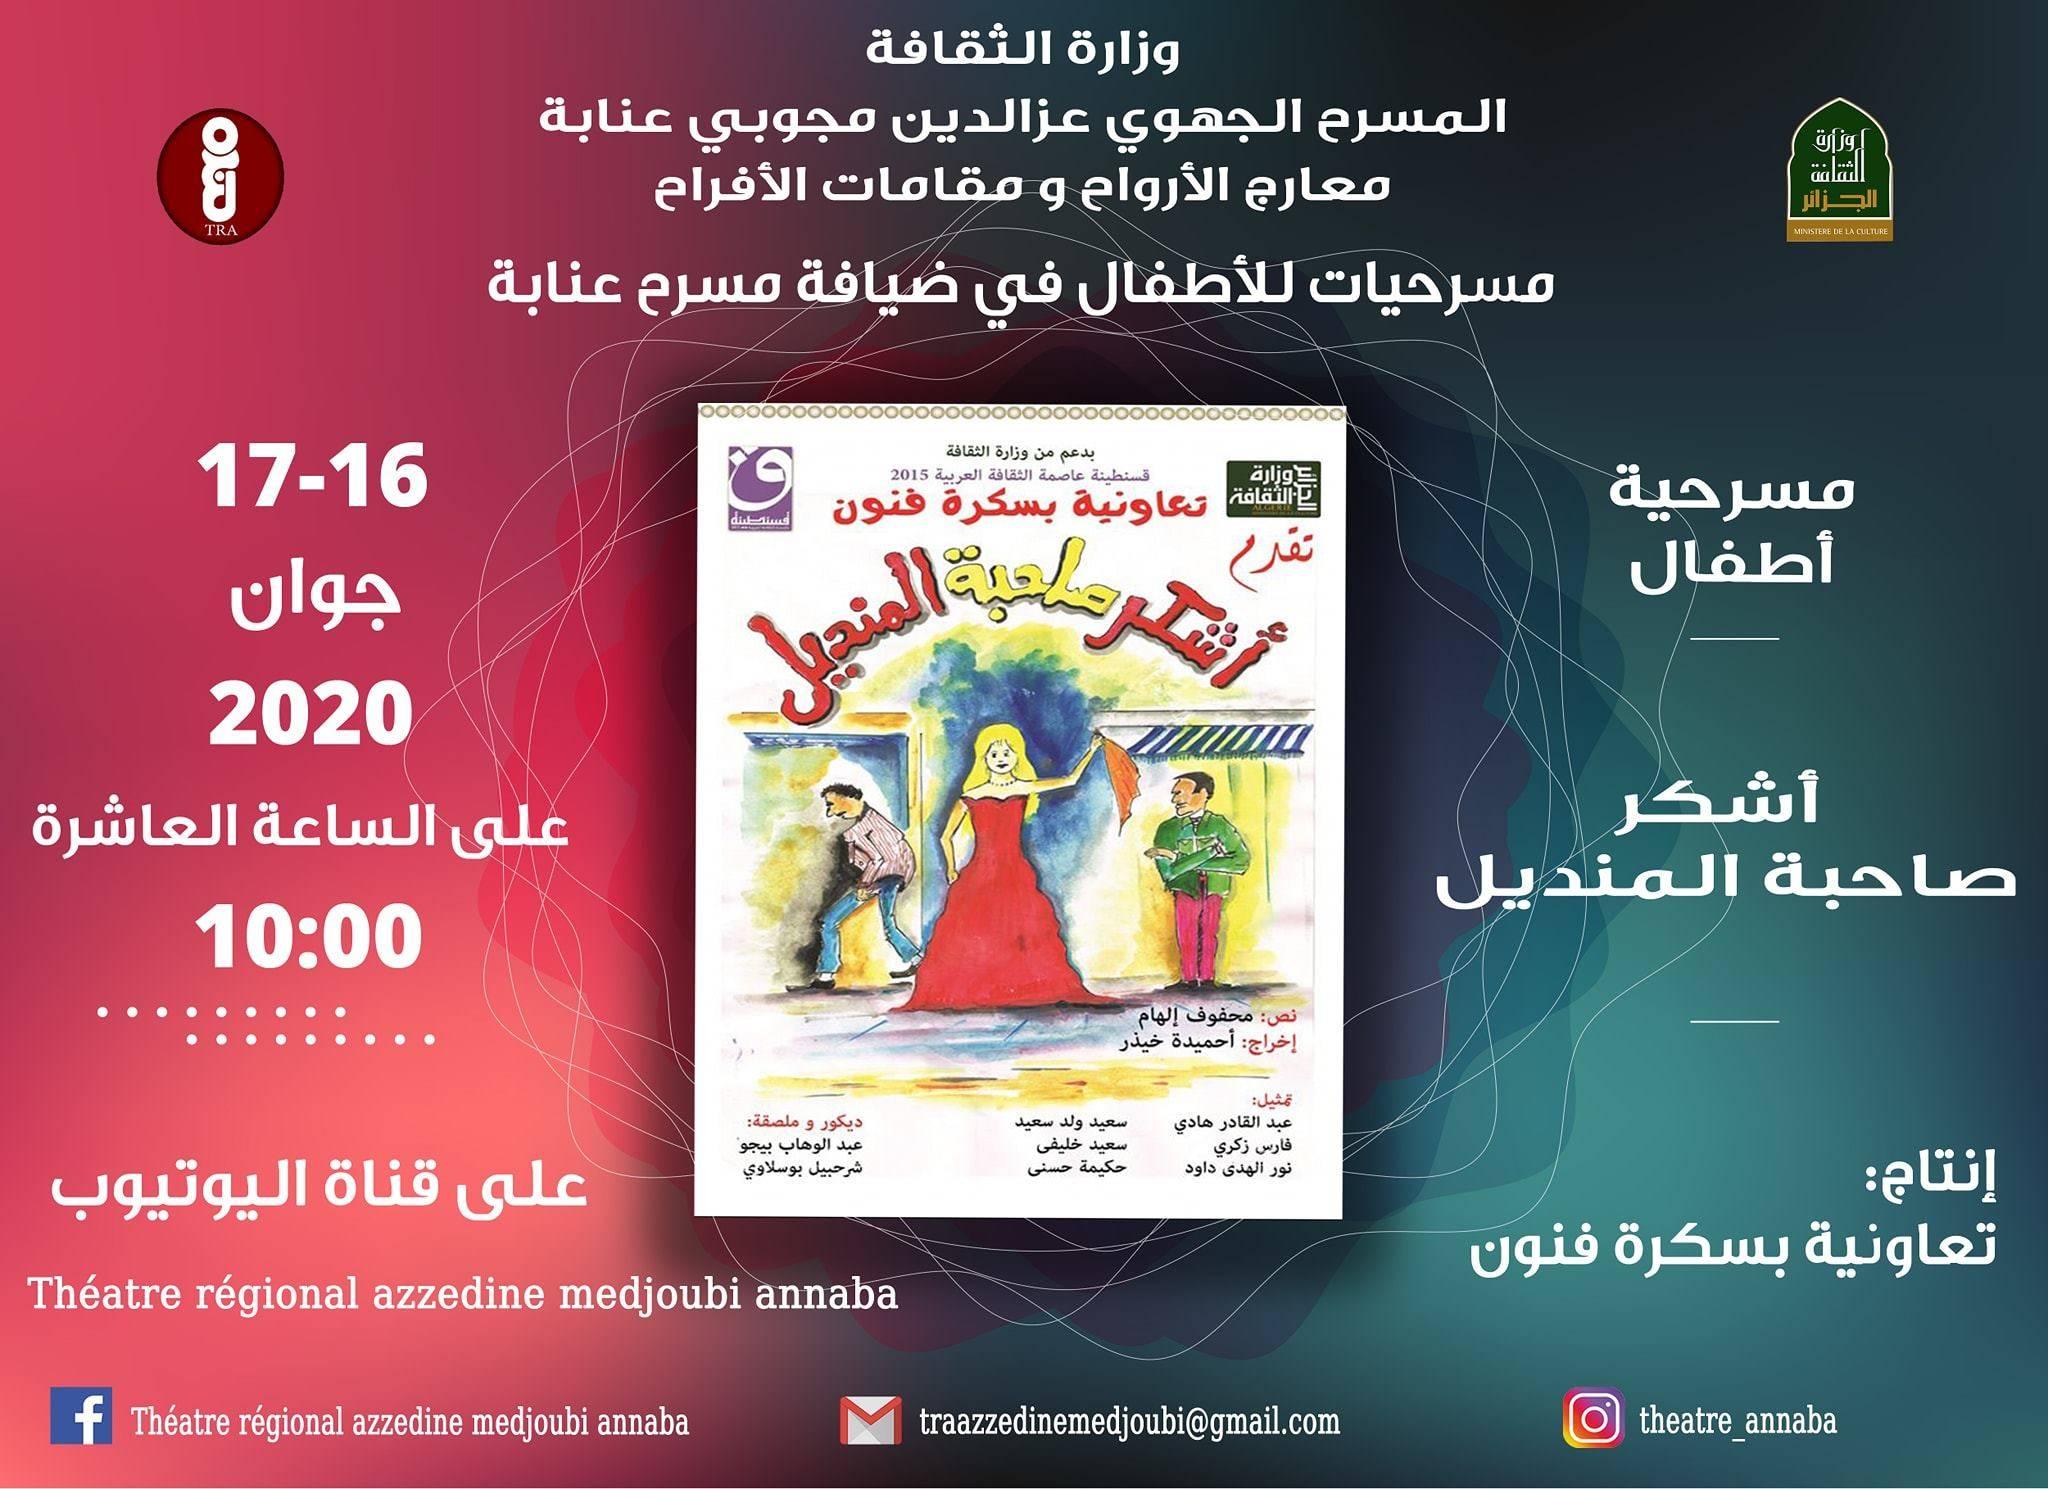 مسرحية أطفال : أشكر صاحبة المنديل - المسرح الجهوي عز الدين مجوبي